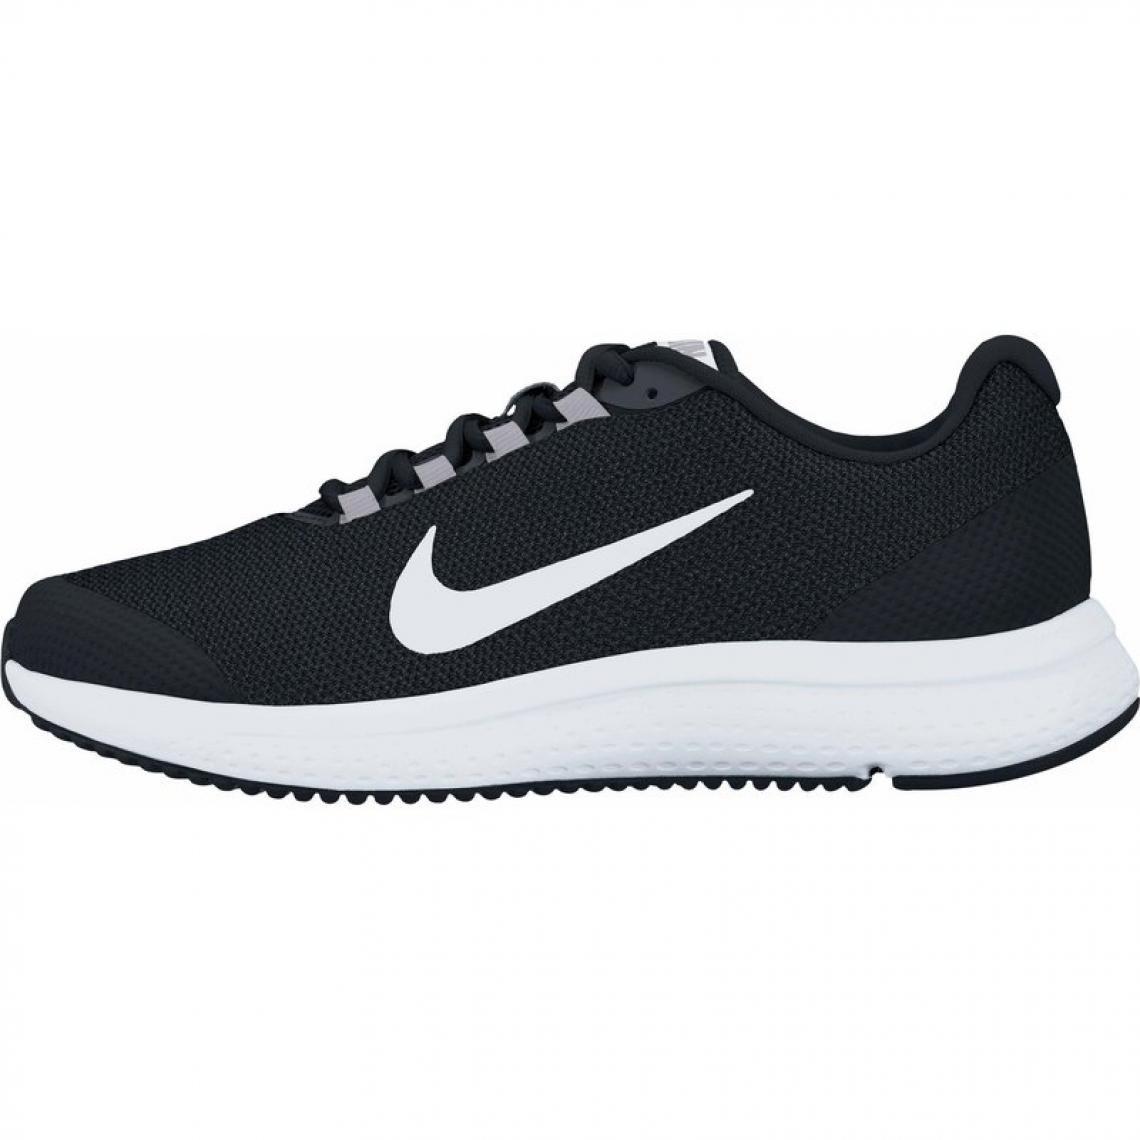 f6961c77e73f Baskets femme Wmns Runallday Nike Nike Homme